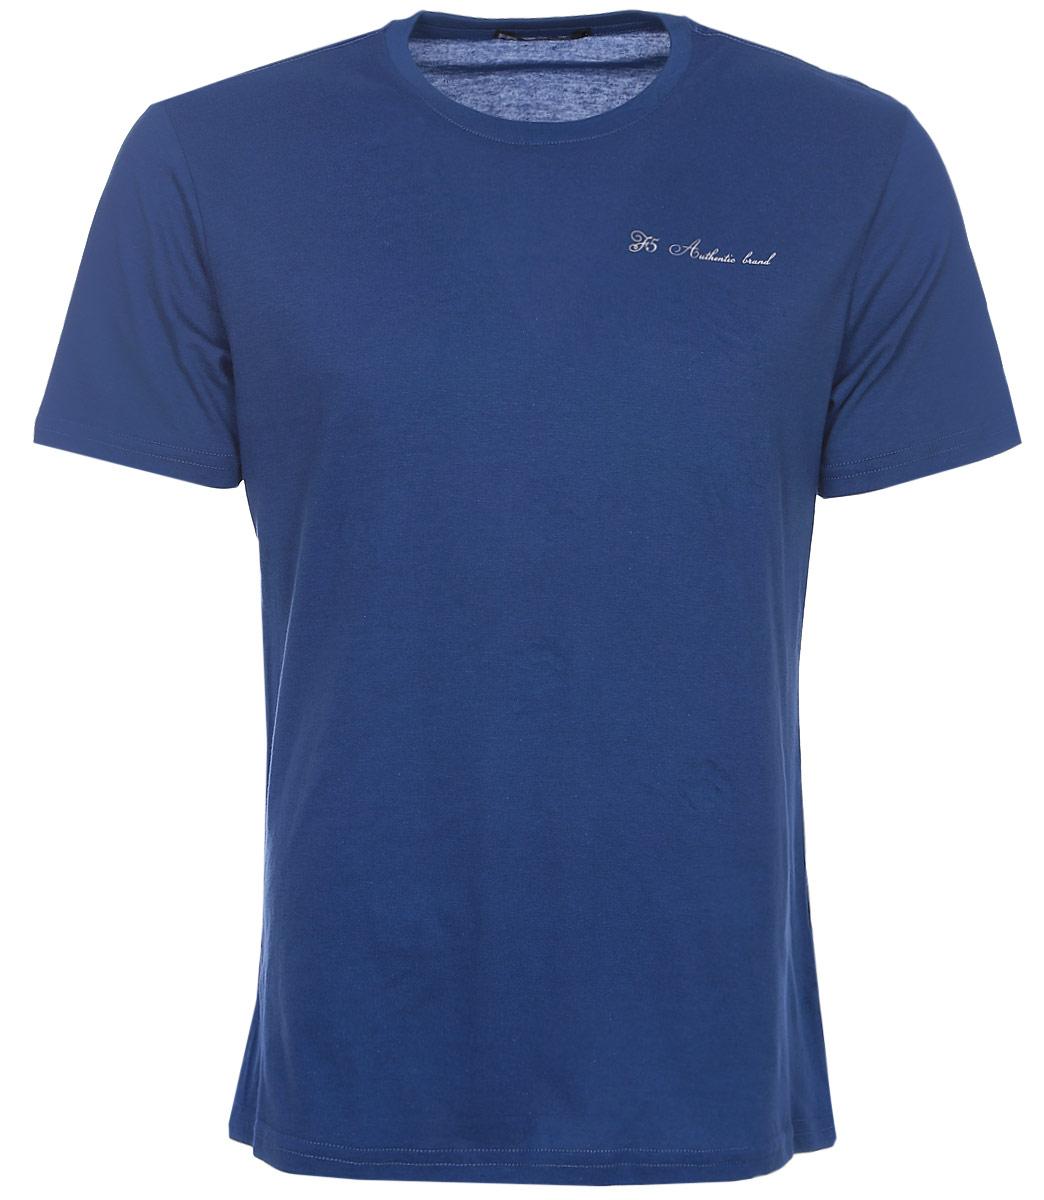 Футболка мужская F5, цвет: синий. 170095_02285. Размер XXL (54)170095_02285/Trace, TR Plain, indigoМужская футболка F5, изготовленная из качественного материала, поможет создать модный образ и станет отличным дополнением к повседневному гардеробу. Модель полуприлегающего кроя оформлена оригинальным принтом.